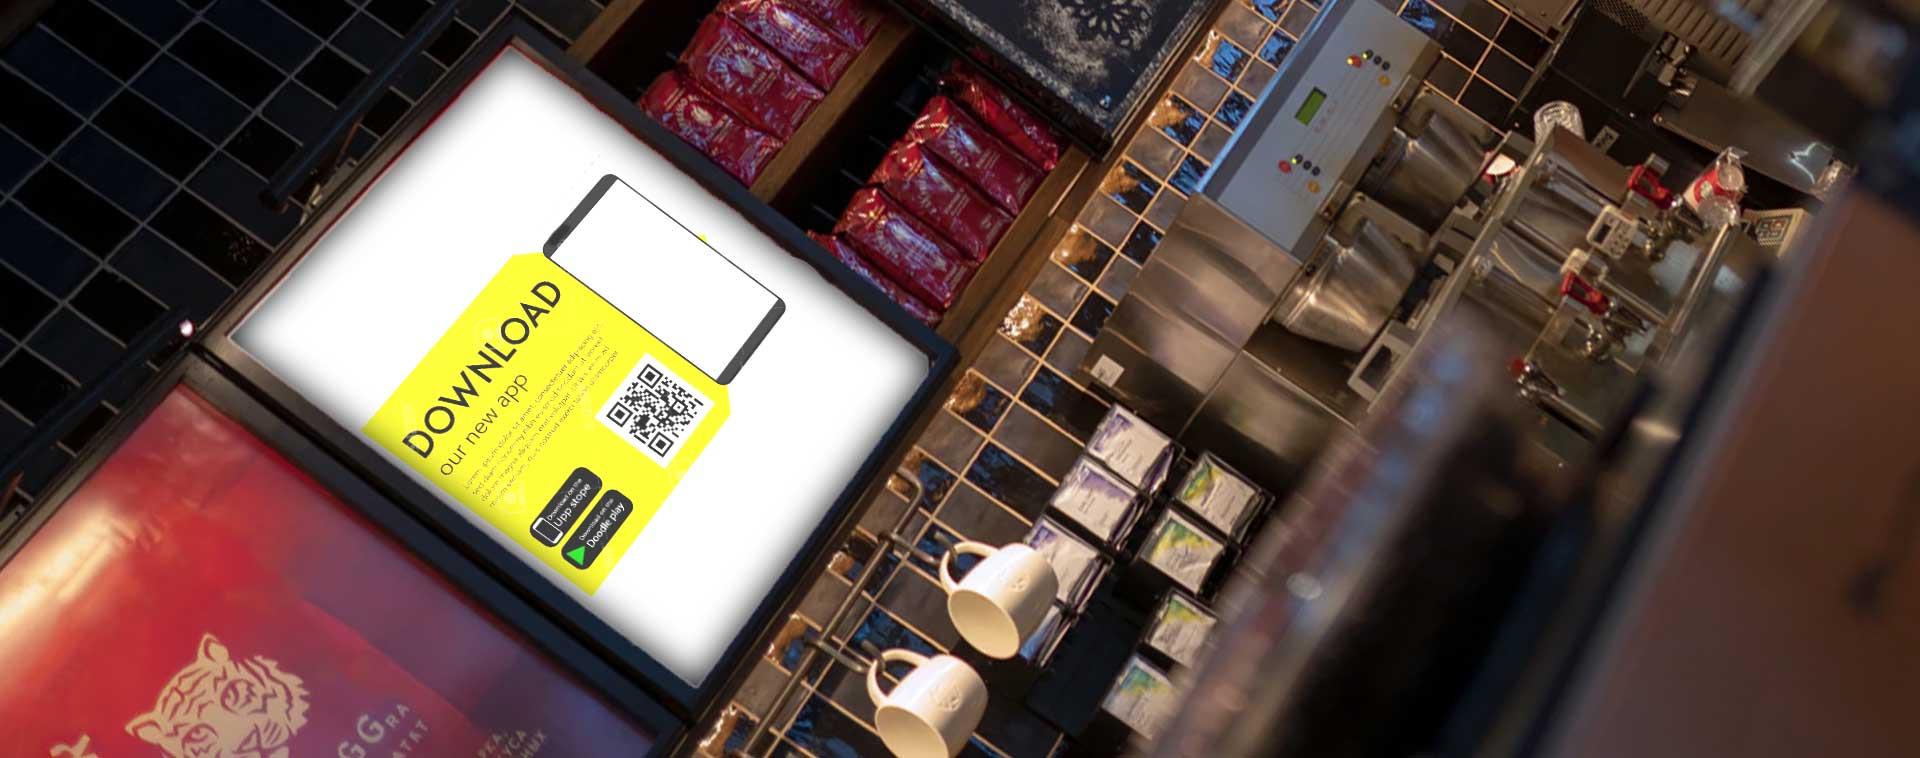 Moodmaster-digital-screen-solutions-for-cafes-restaurants-dublin